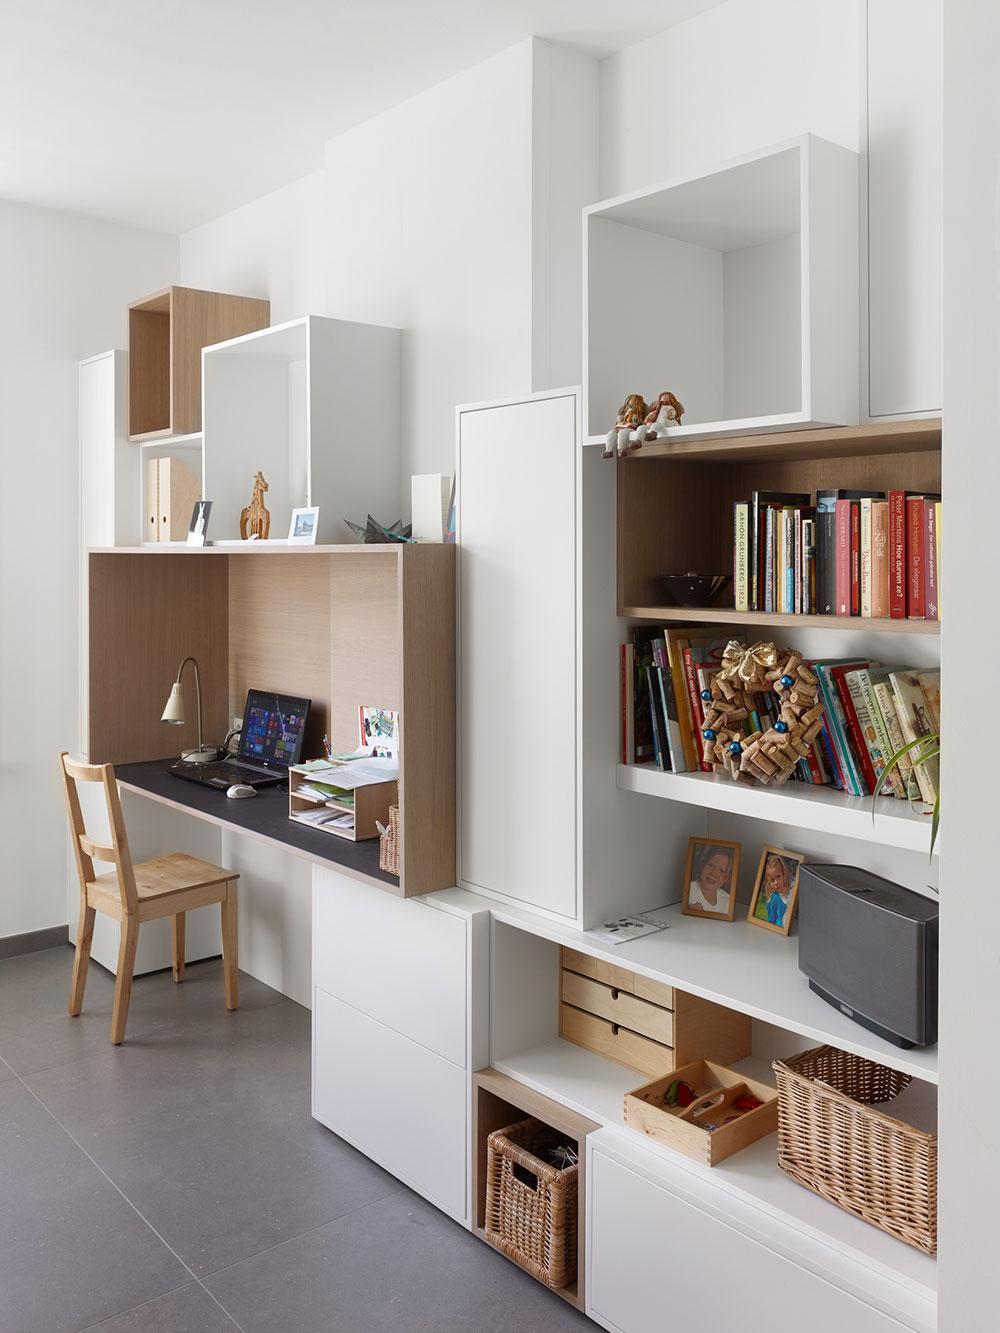 08_Woning_Leenheer_Lissens_Interieur_Bureau.jpg